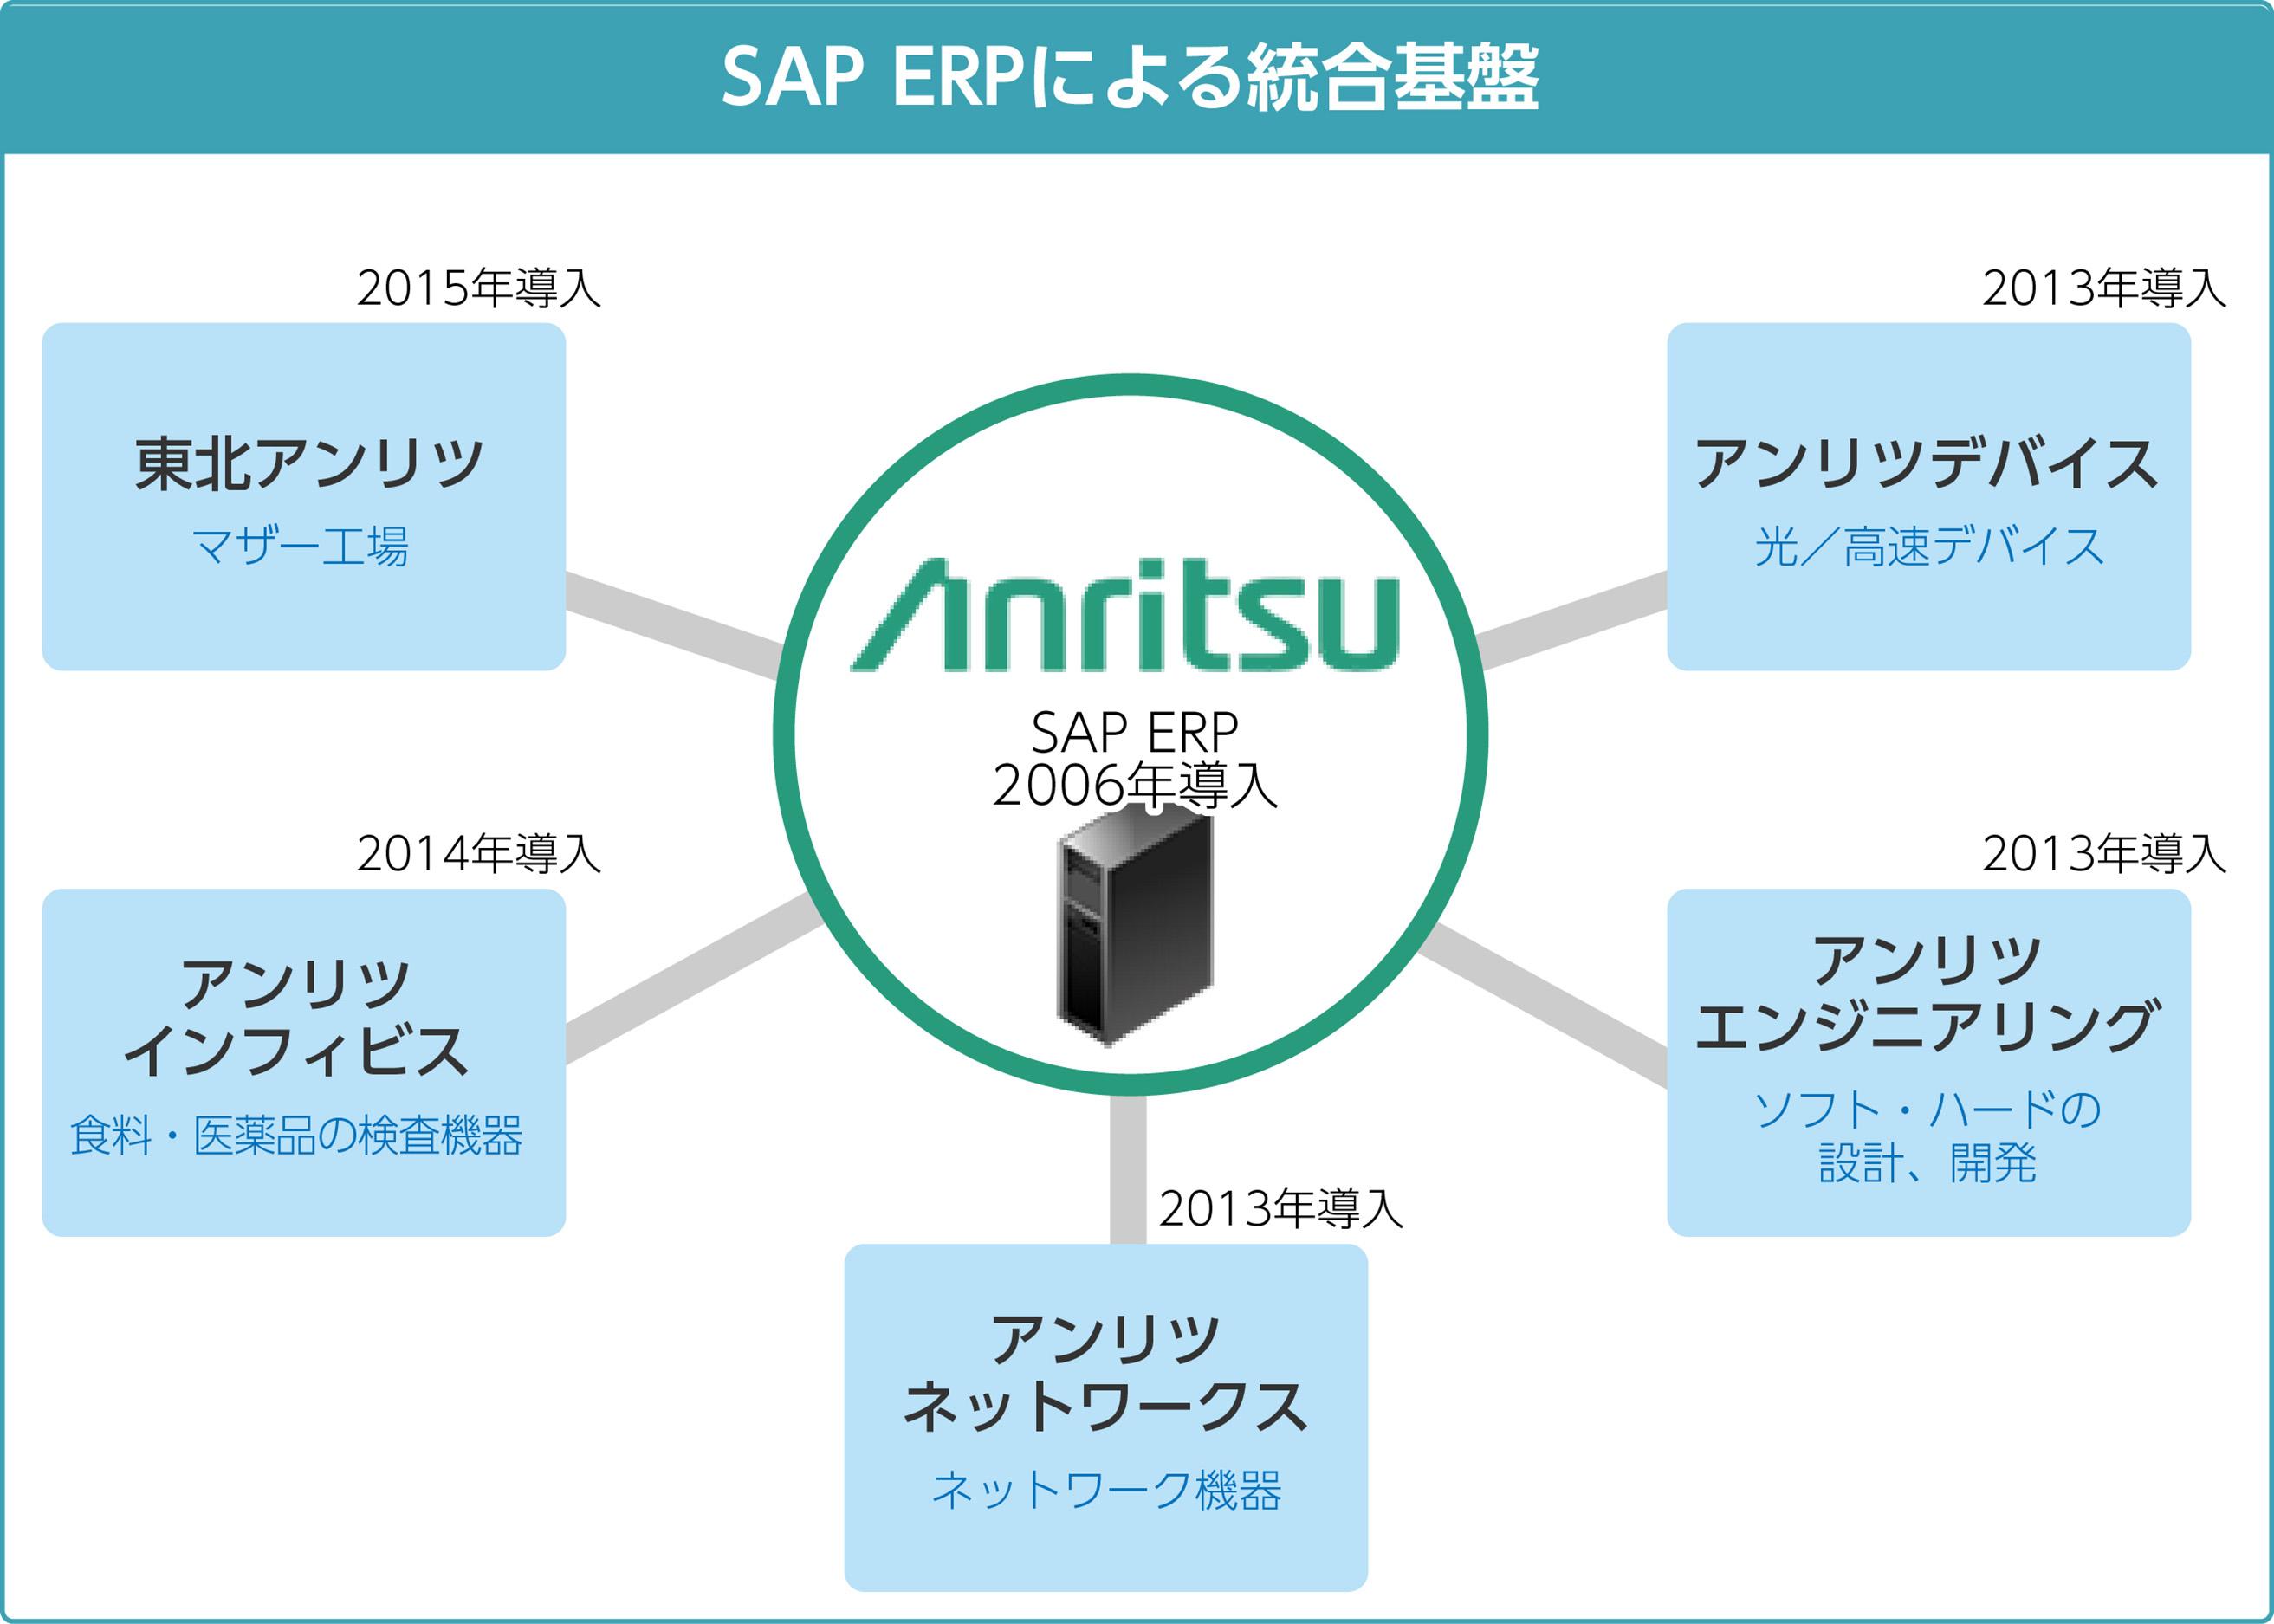 SAP ERPよる統合基盤